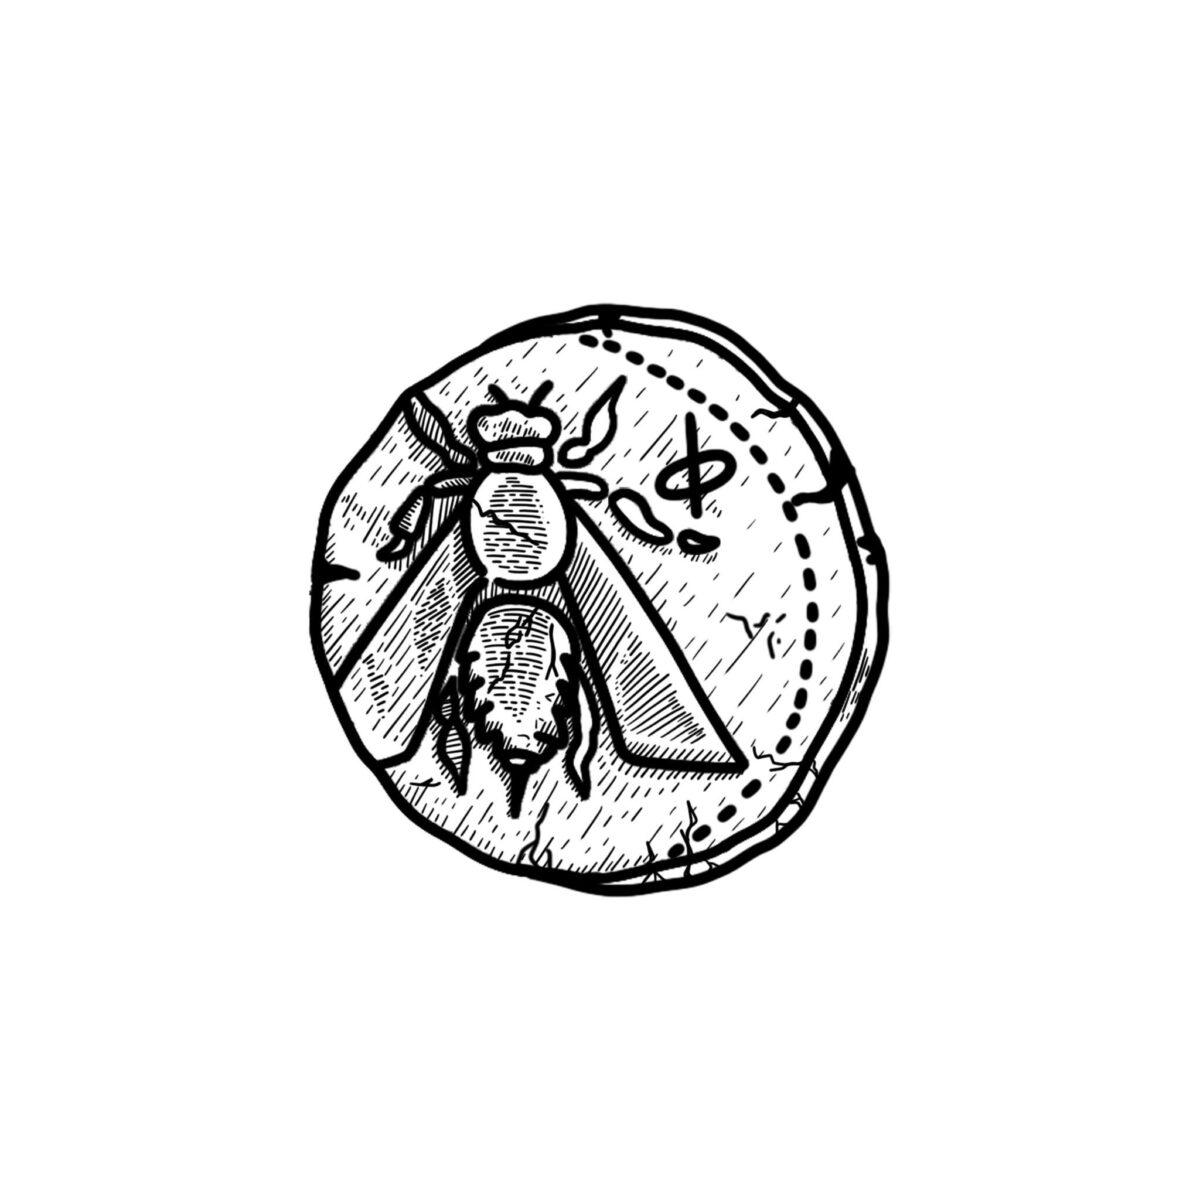 Η μέλισσα είναι το έμβλημα του 9ου Πανελληνίου Συνεδρίου Φοιτητών Αρχαιολογίας.